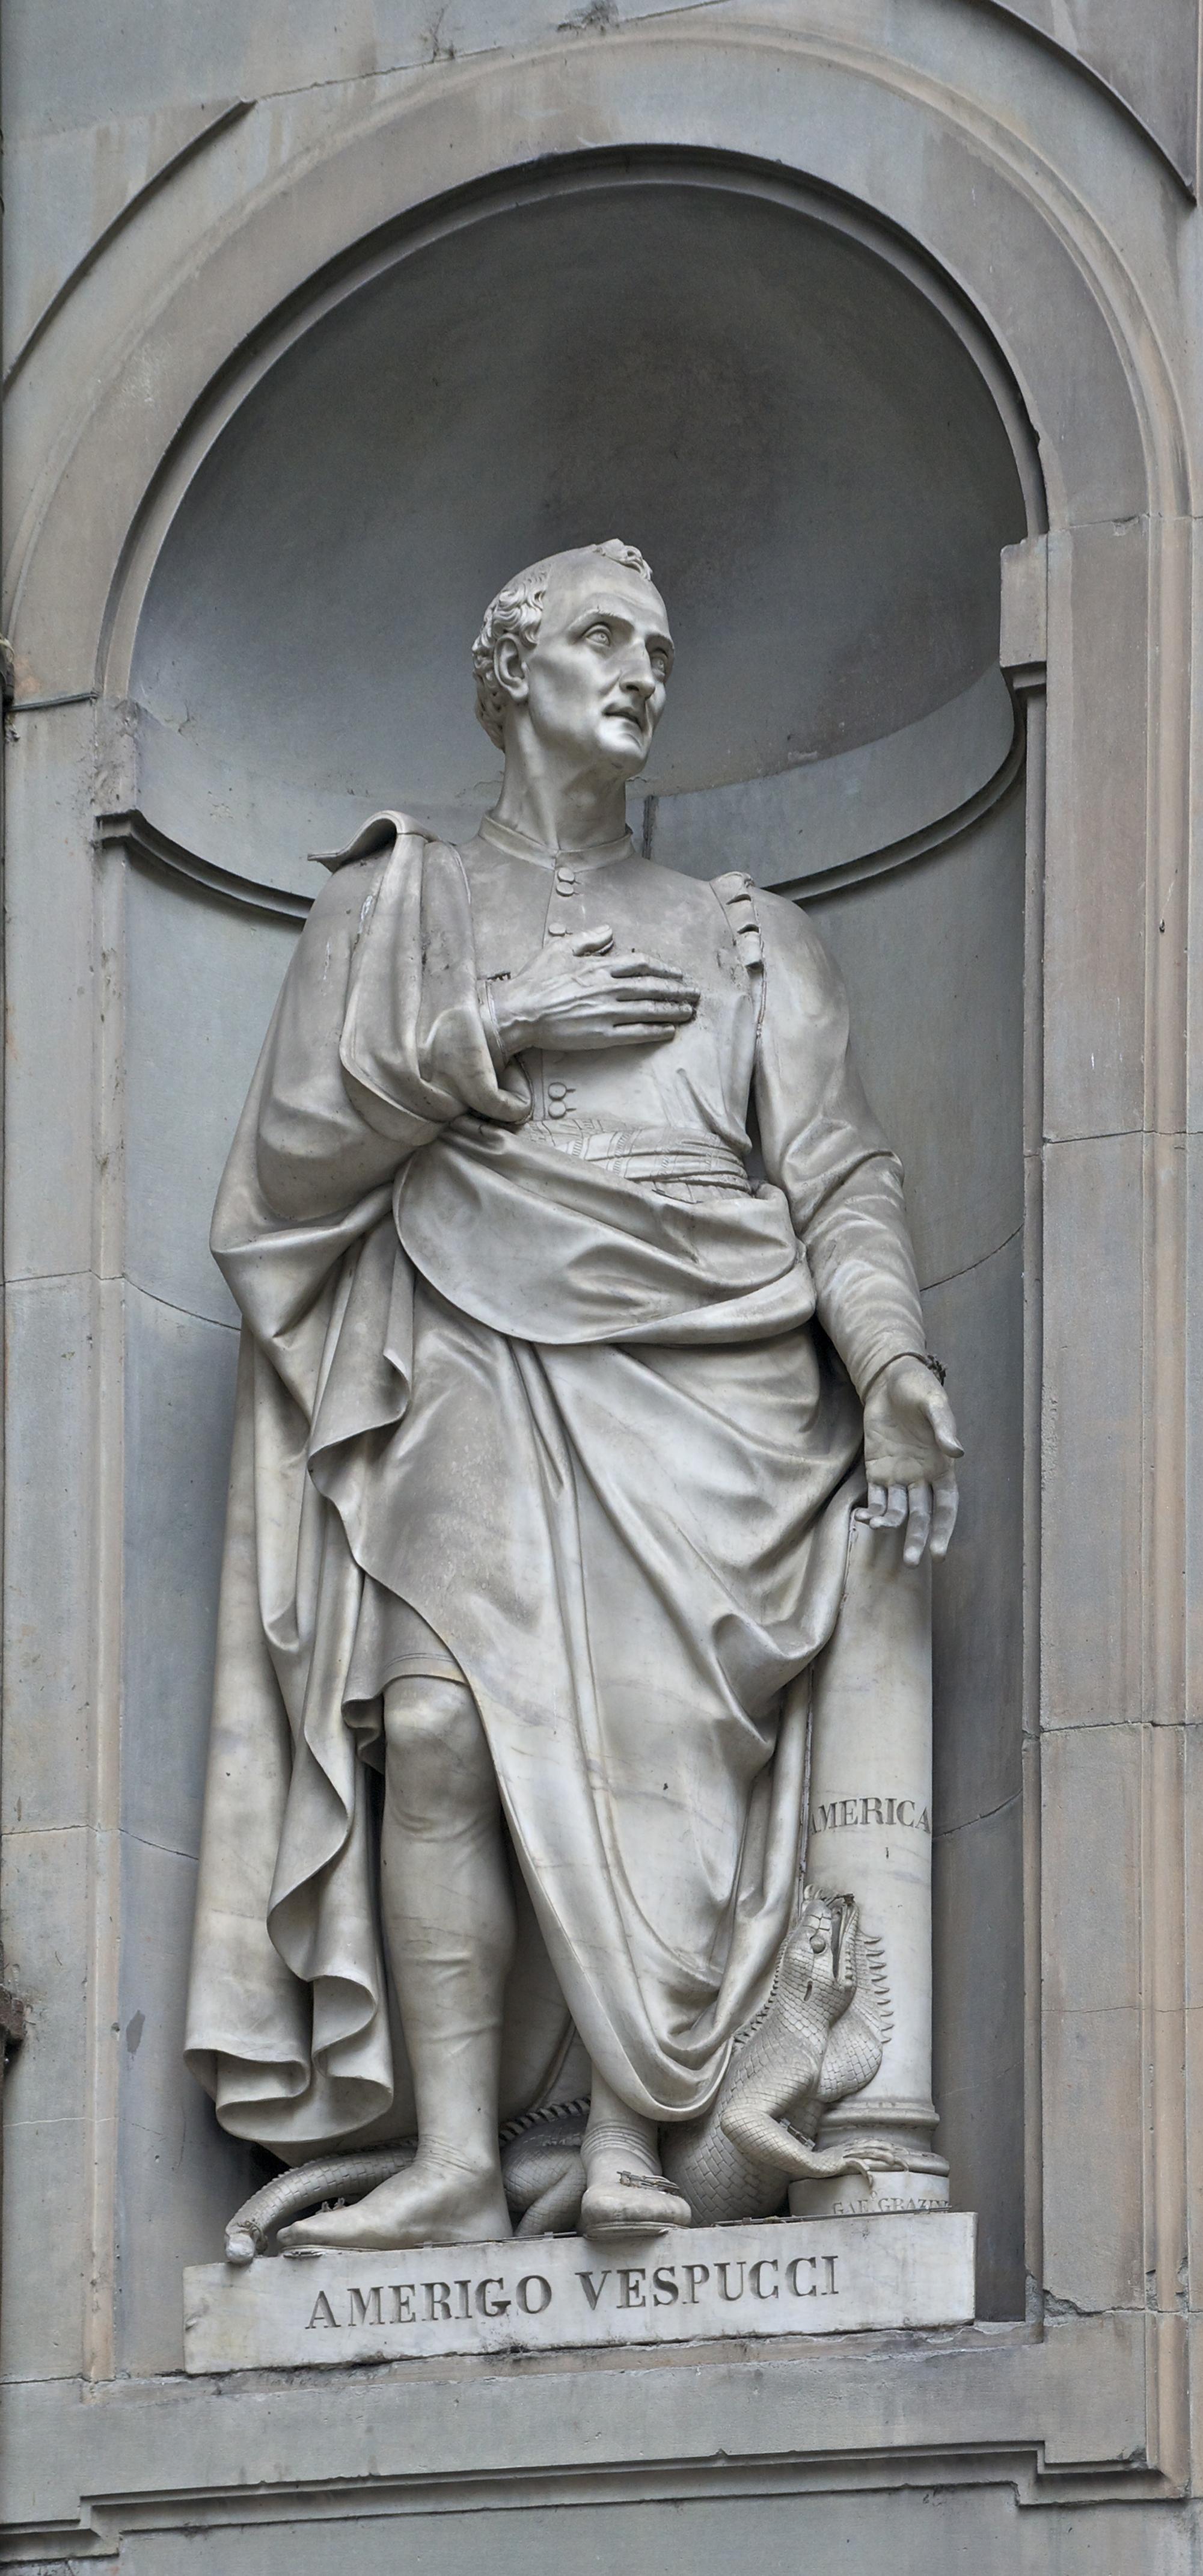 File:Amerigo Vespucci Uffizzi Florence.jpg - Wikimedia Commons